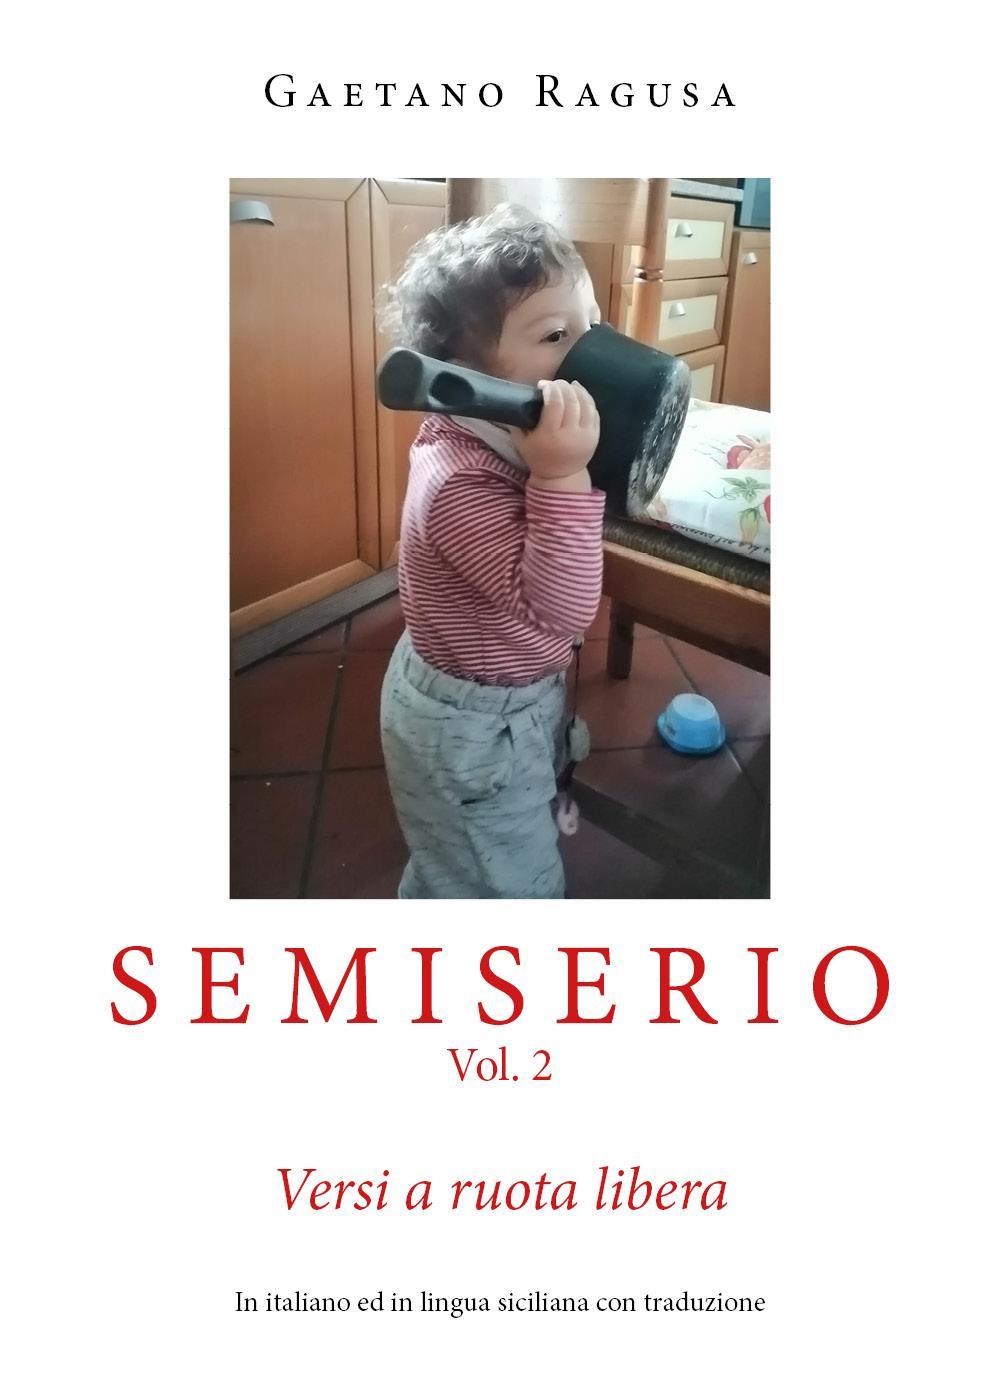 Semiserio vol. 2